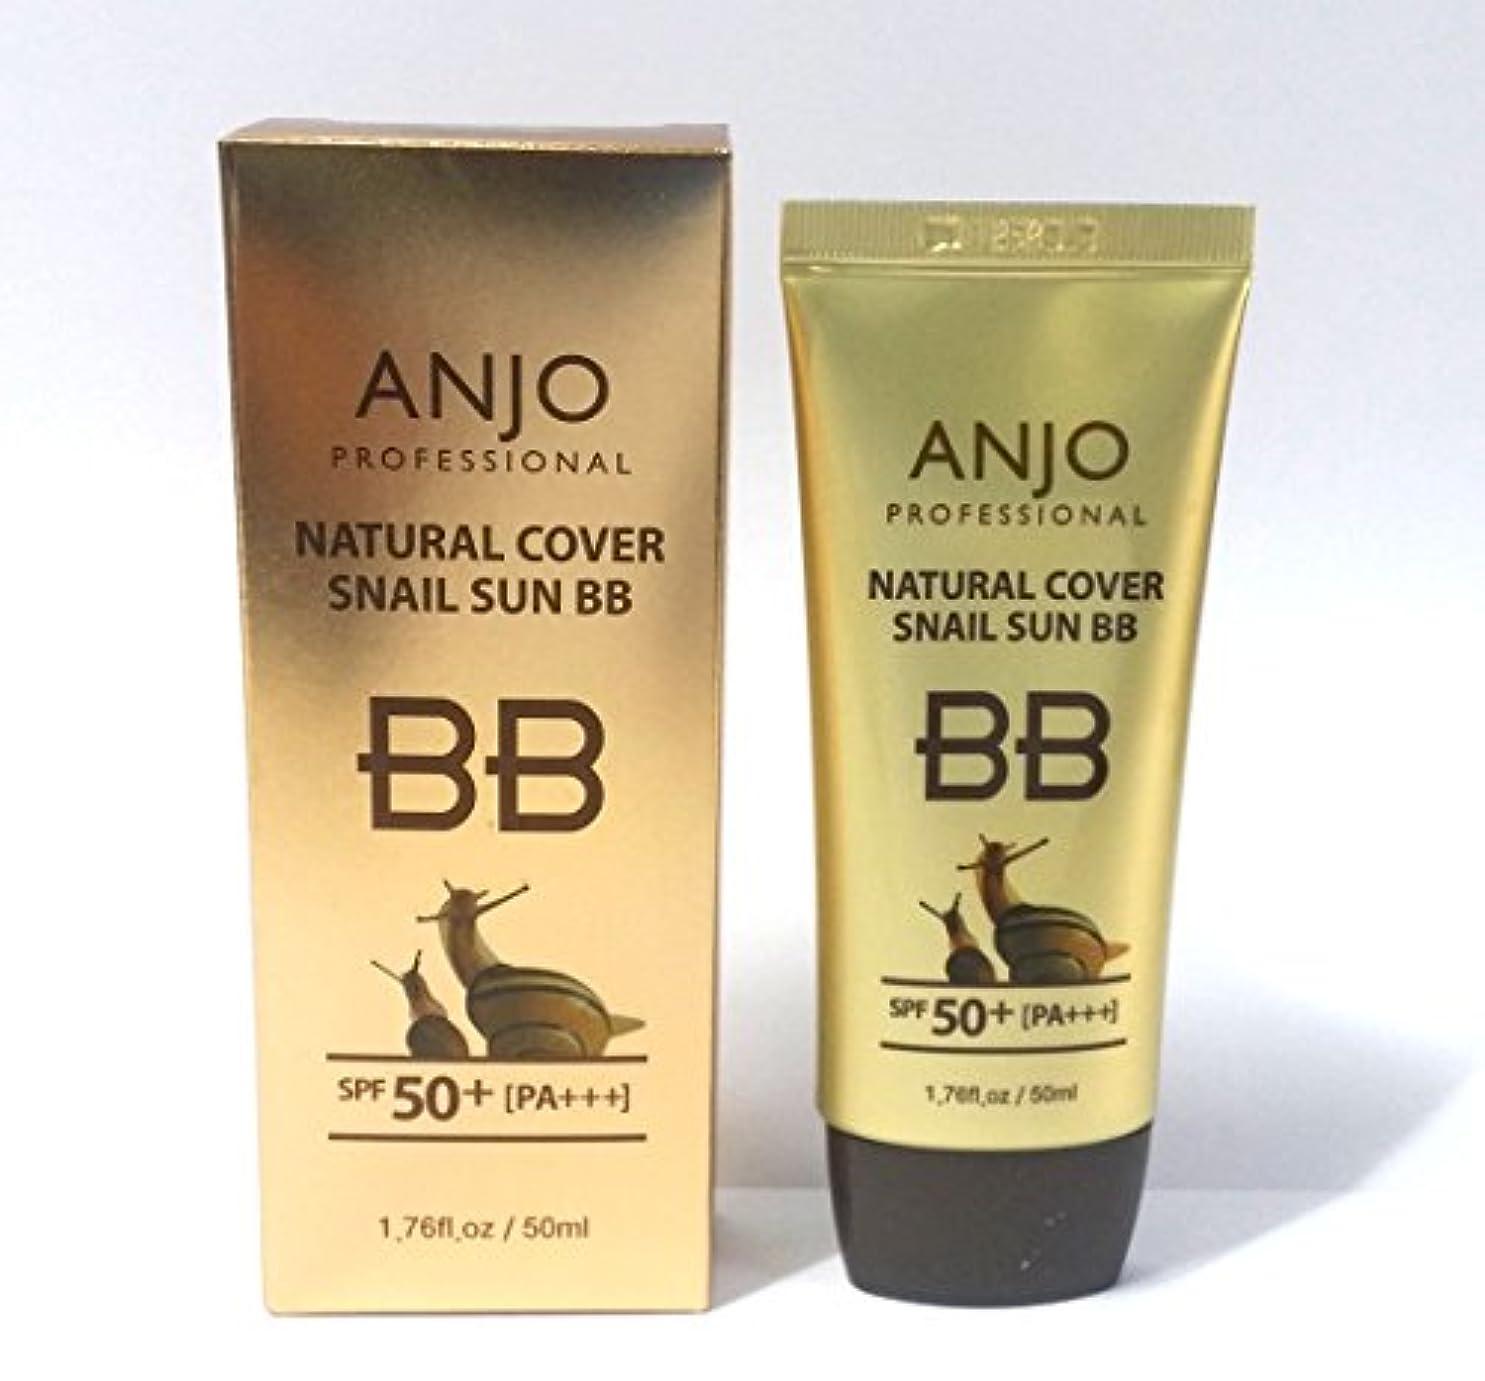 [ANJO] ナチュラルカバーカタツムリサンBBクリームSPF 50 + PA +++ 50ml X 3EA /メイクアップベース/カタツムリ粘液 / Natural Cover Snail Sun BB Cream SPF...